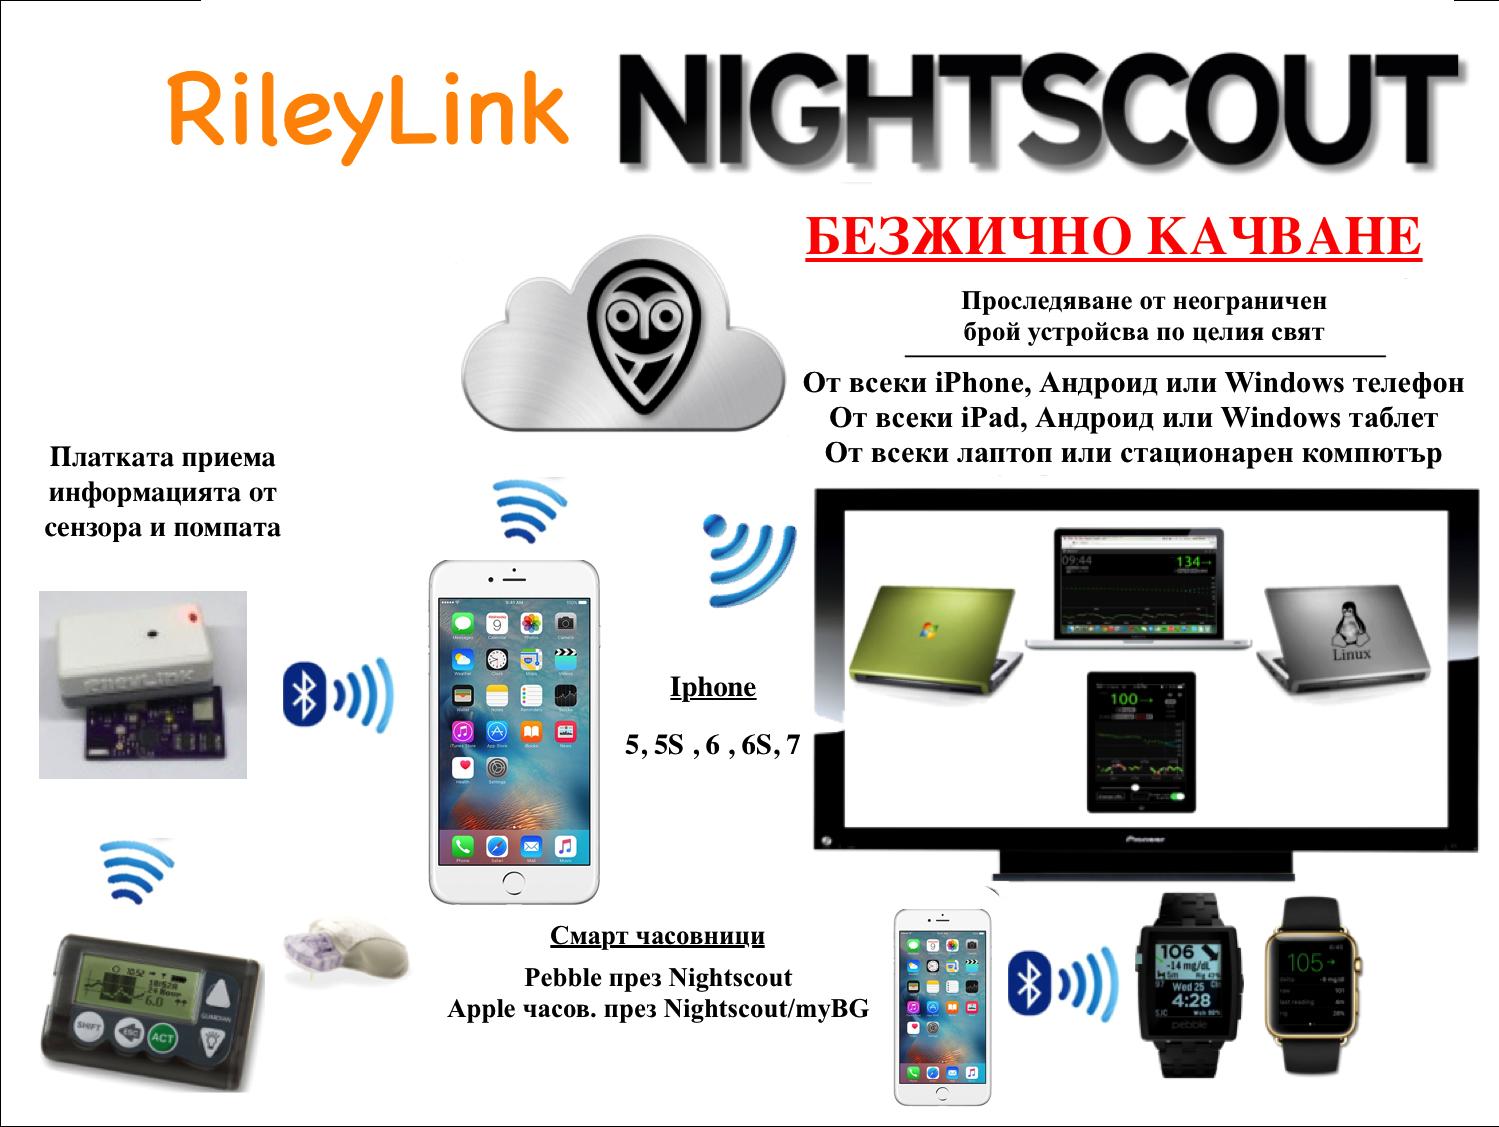 nightscout-rileylink